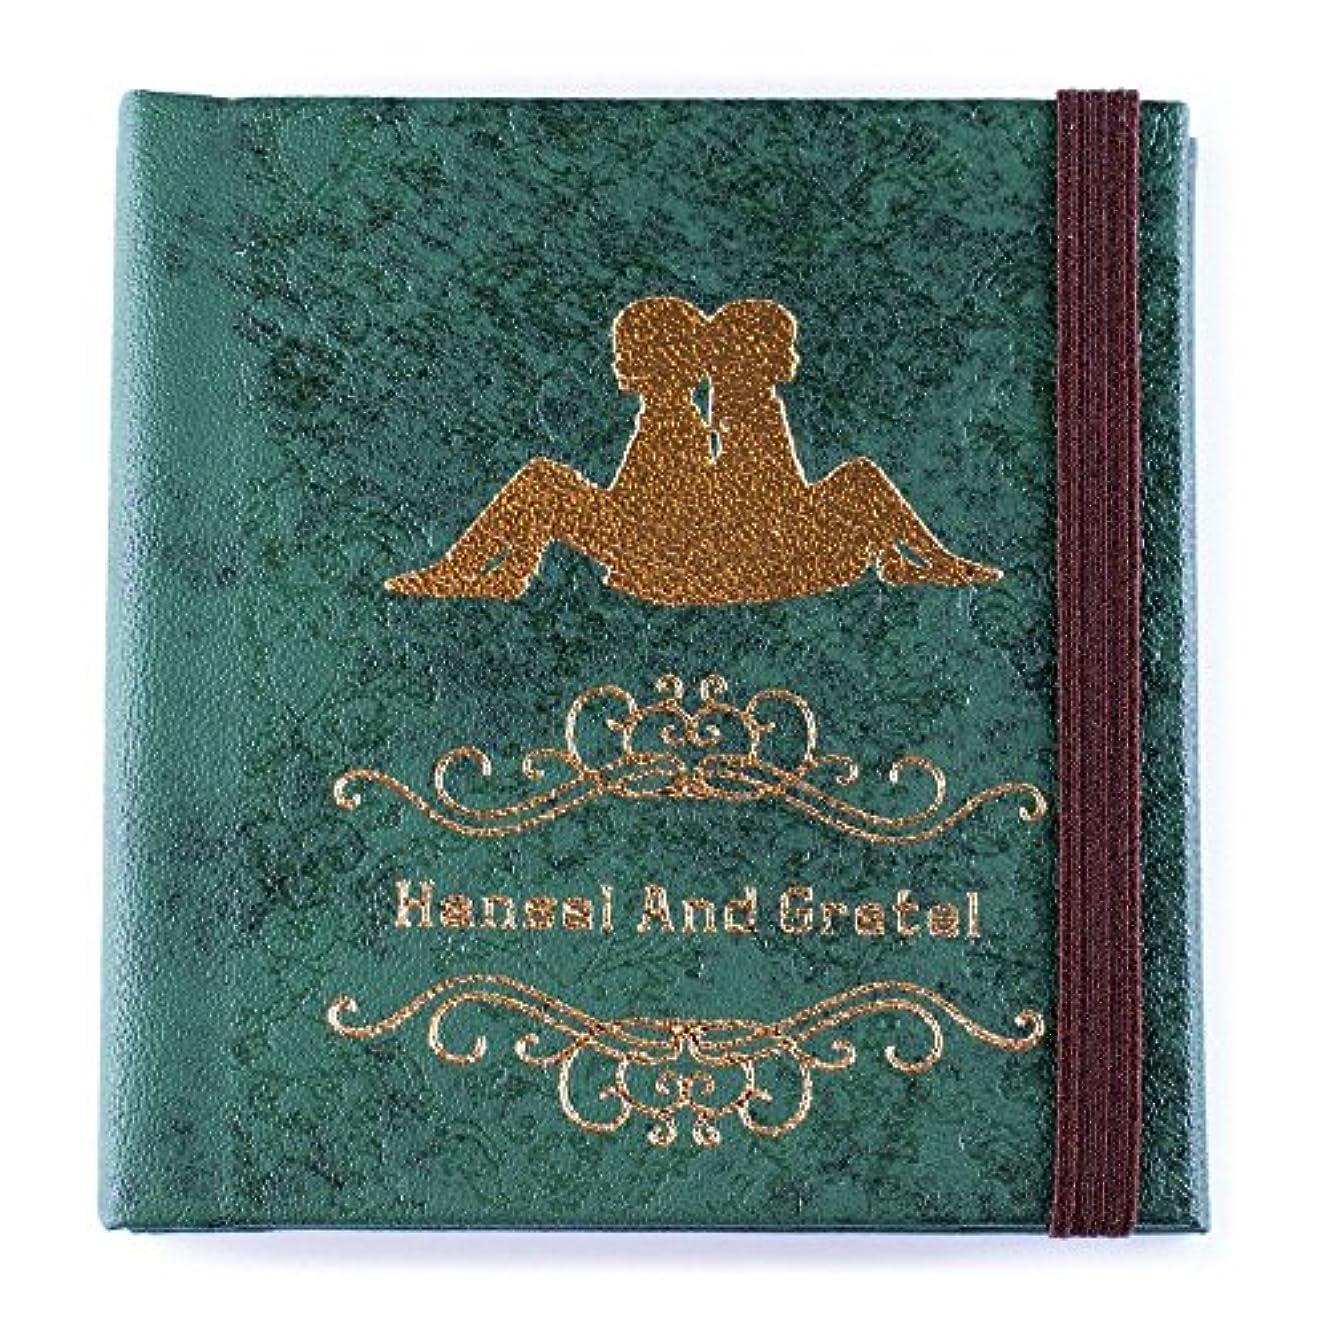 パスポートグラディスカリングTCB童話シリーズ 『ヘンゼルとグレーテルをモチーフにしたアイシャドウ』